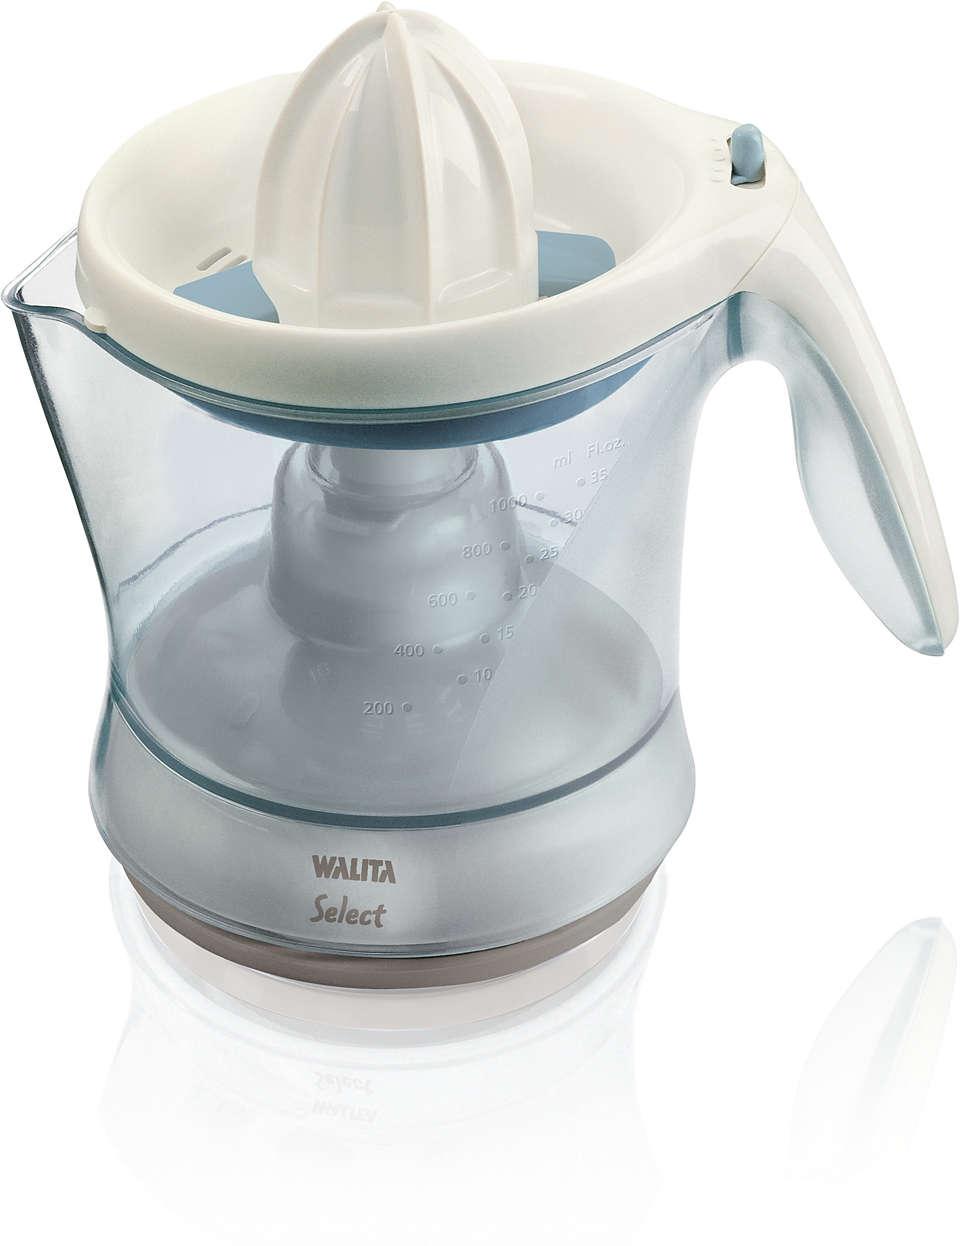 Desfrute de sucos frescos em segundos